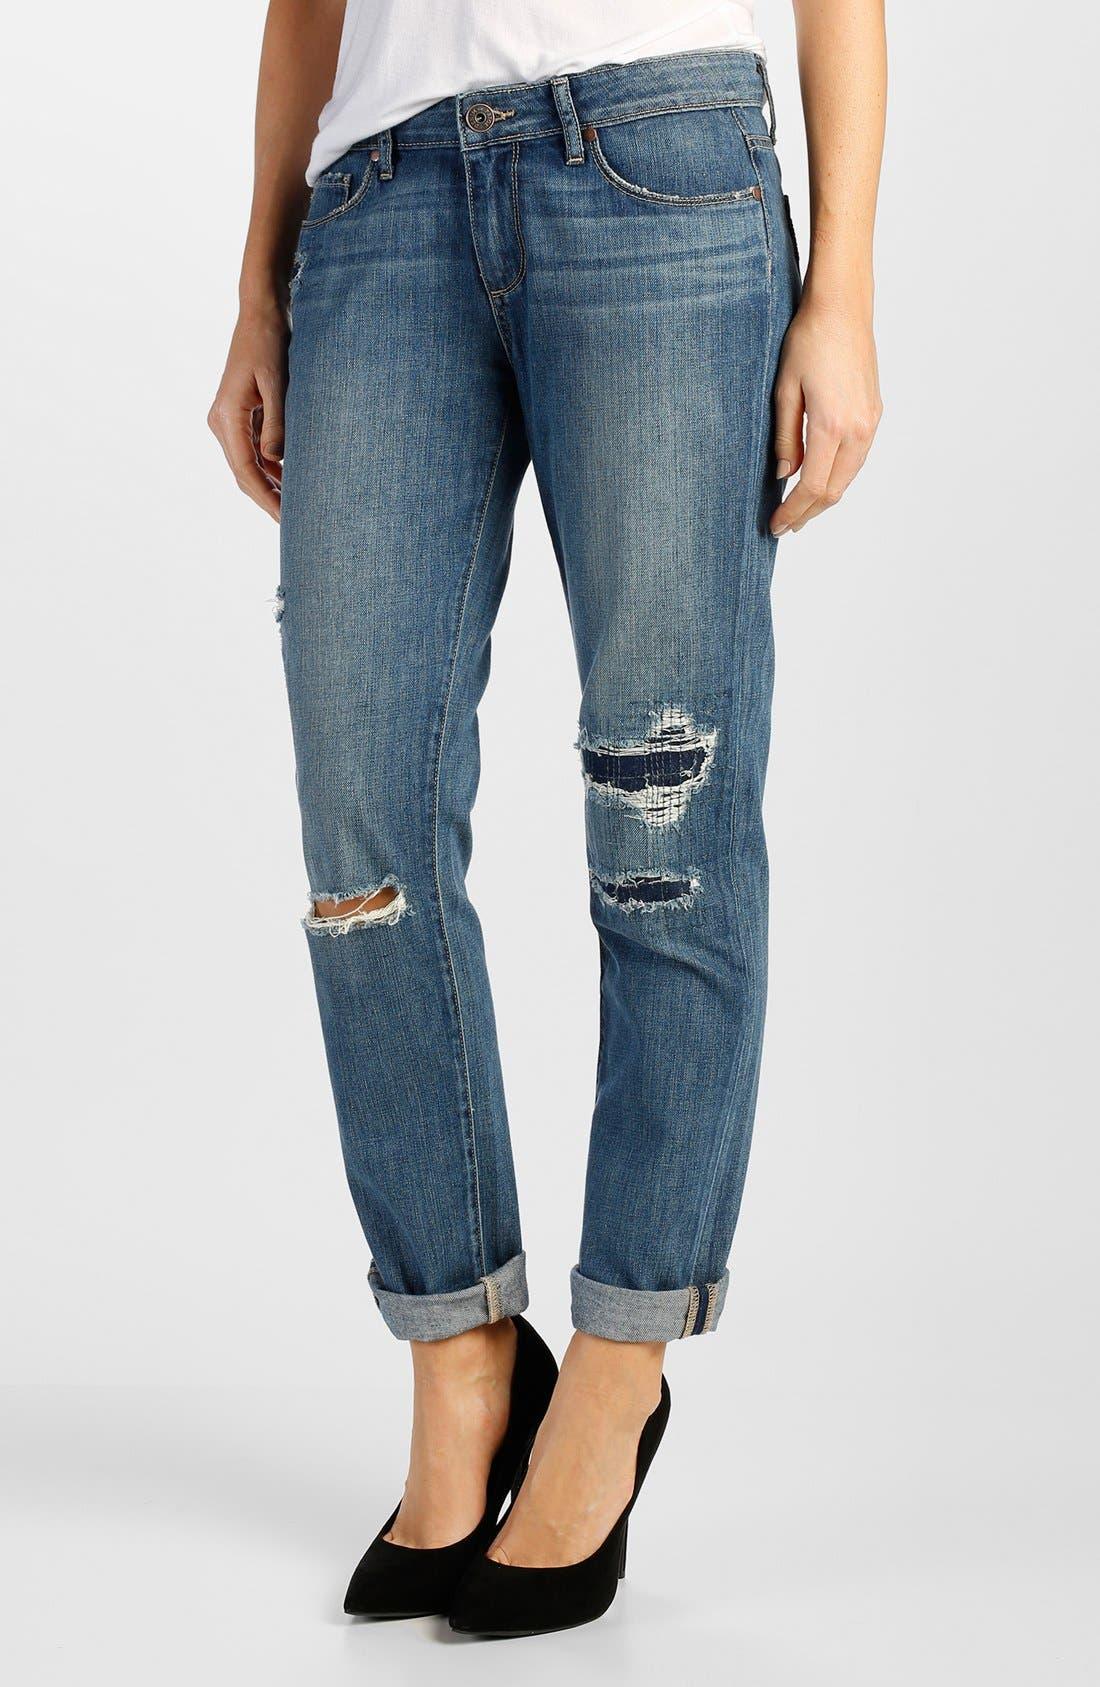 Main Image - Paige Denim 'Jimmy Jimmy' Boyfriend Jeans (Esme Destructed)